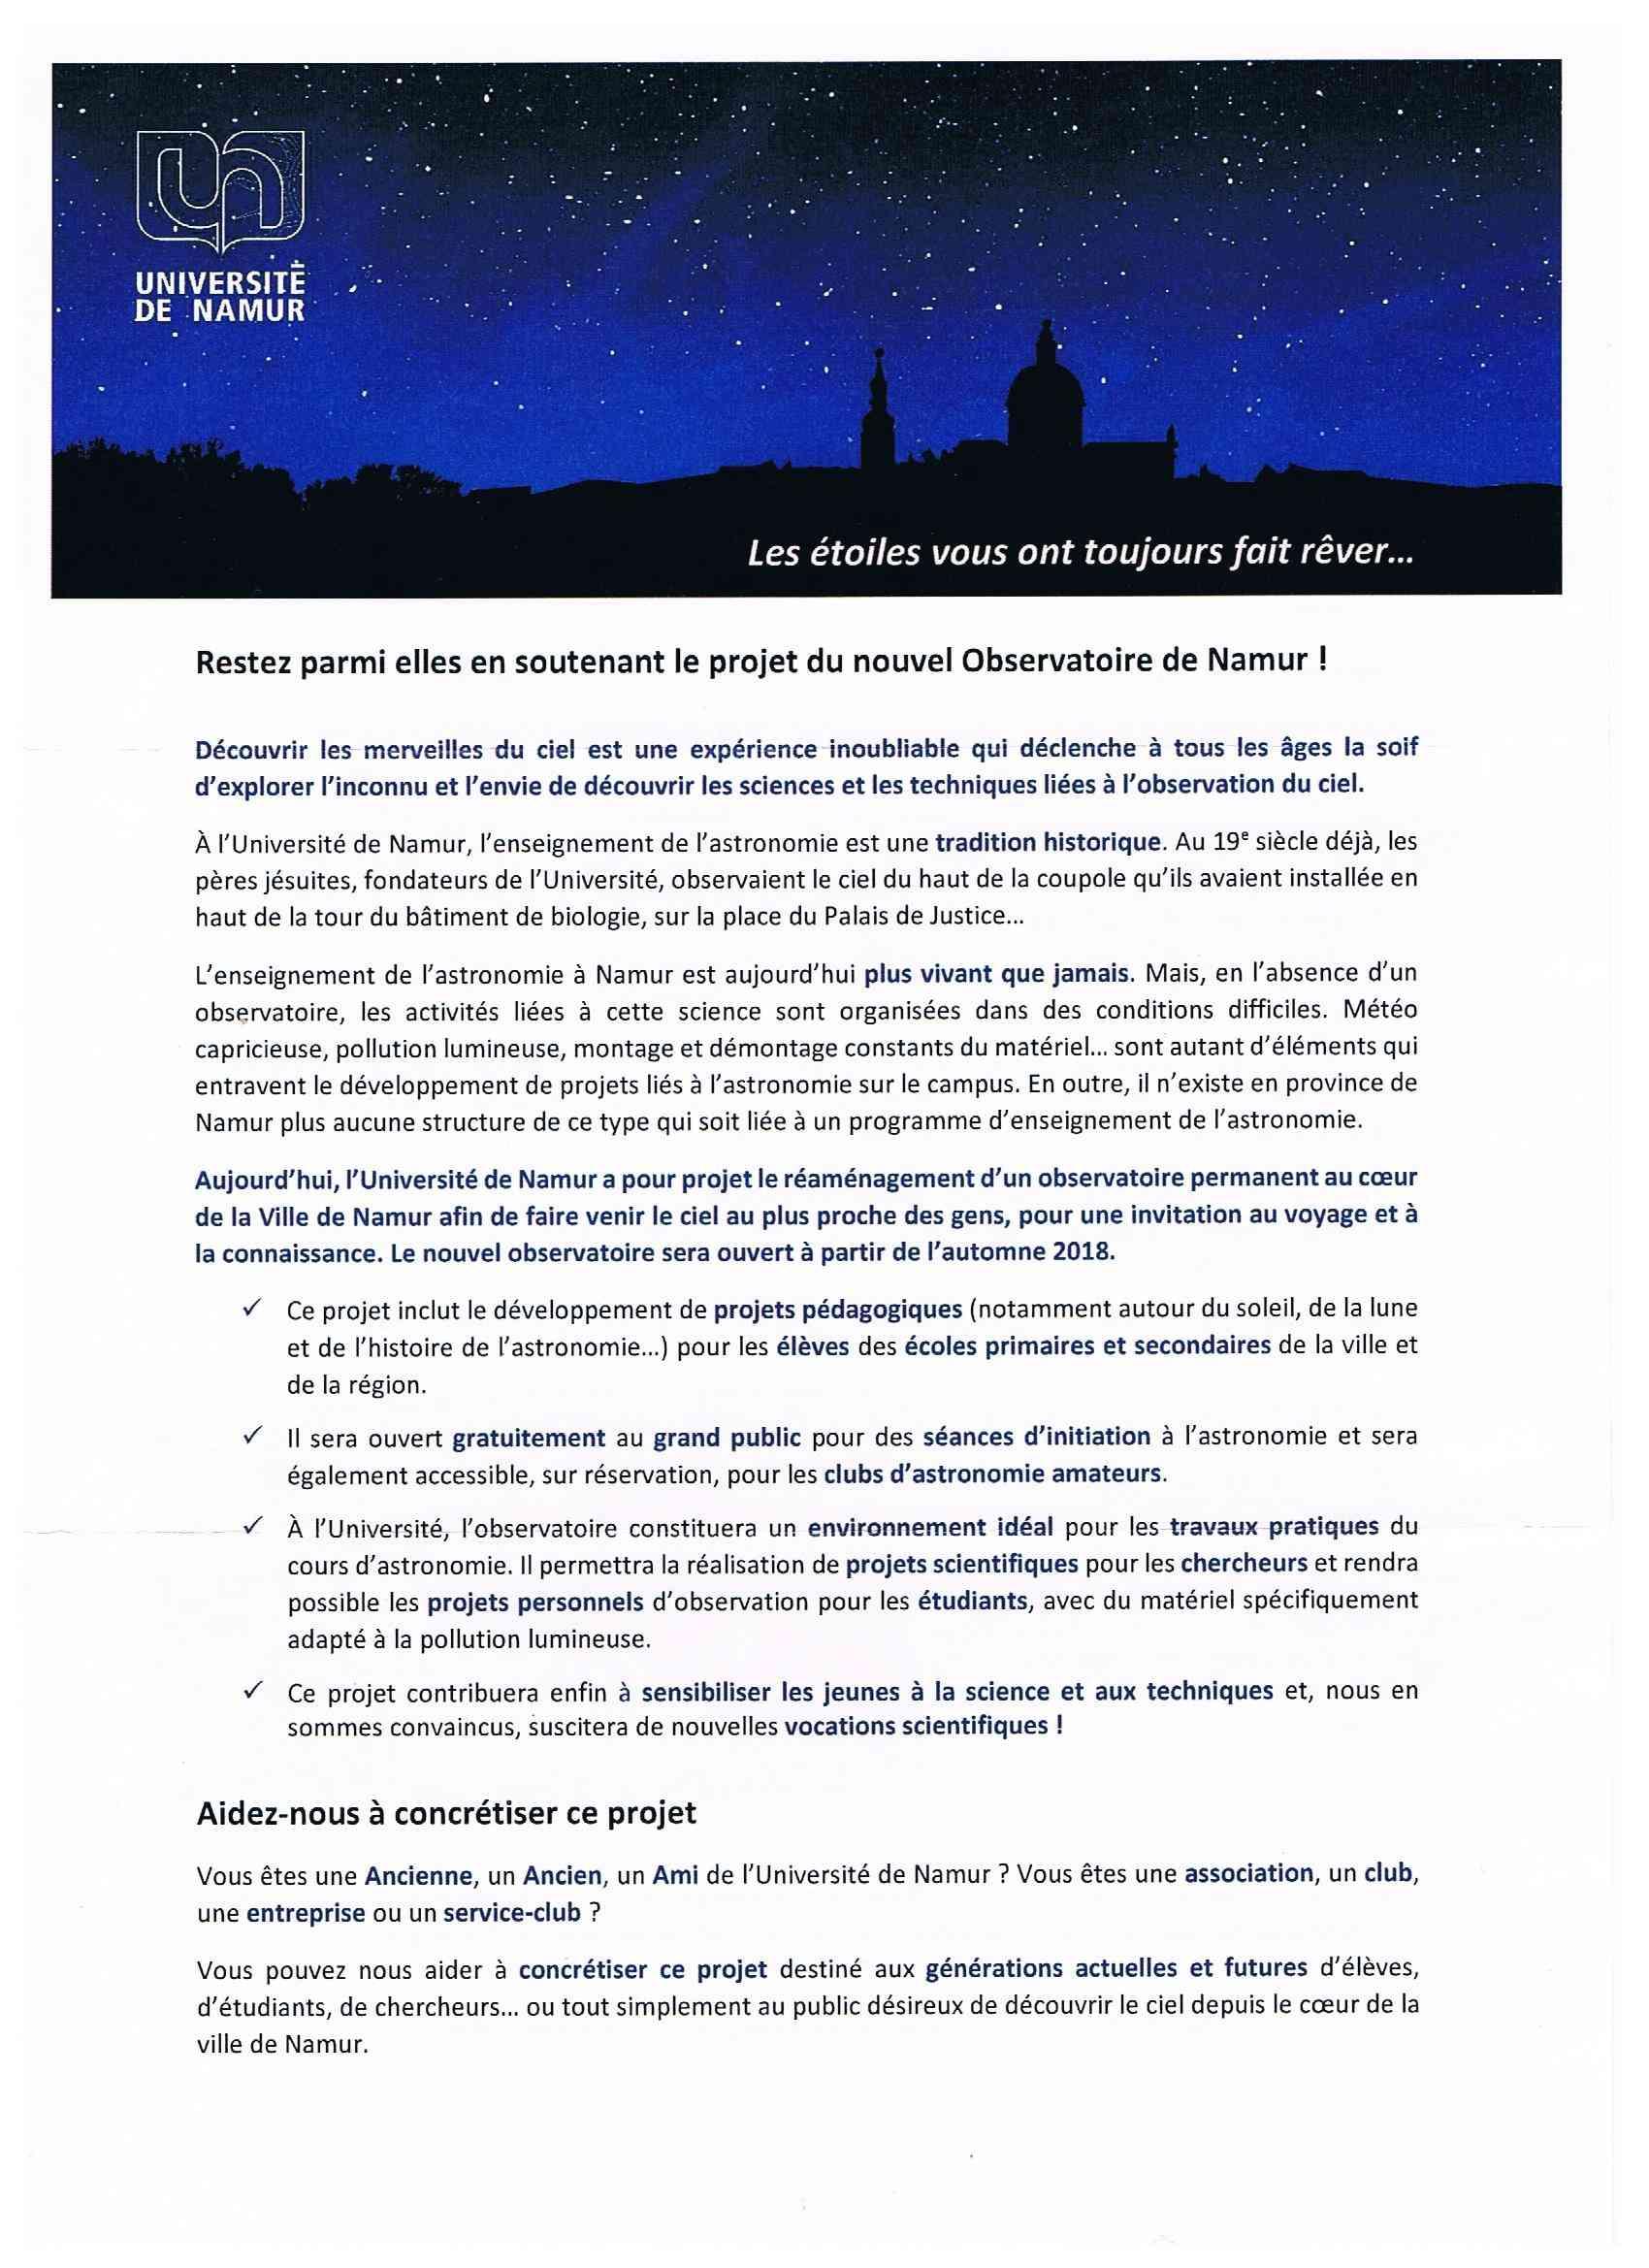 Un futur (second) observatoire à Namur? Andy210